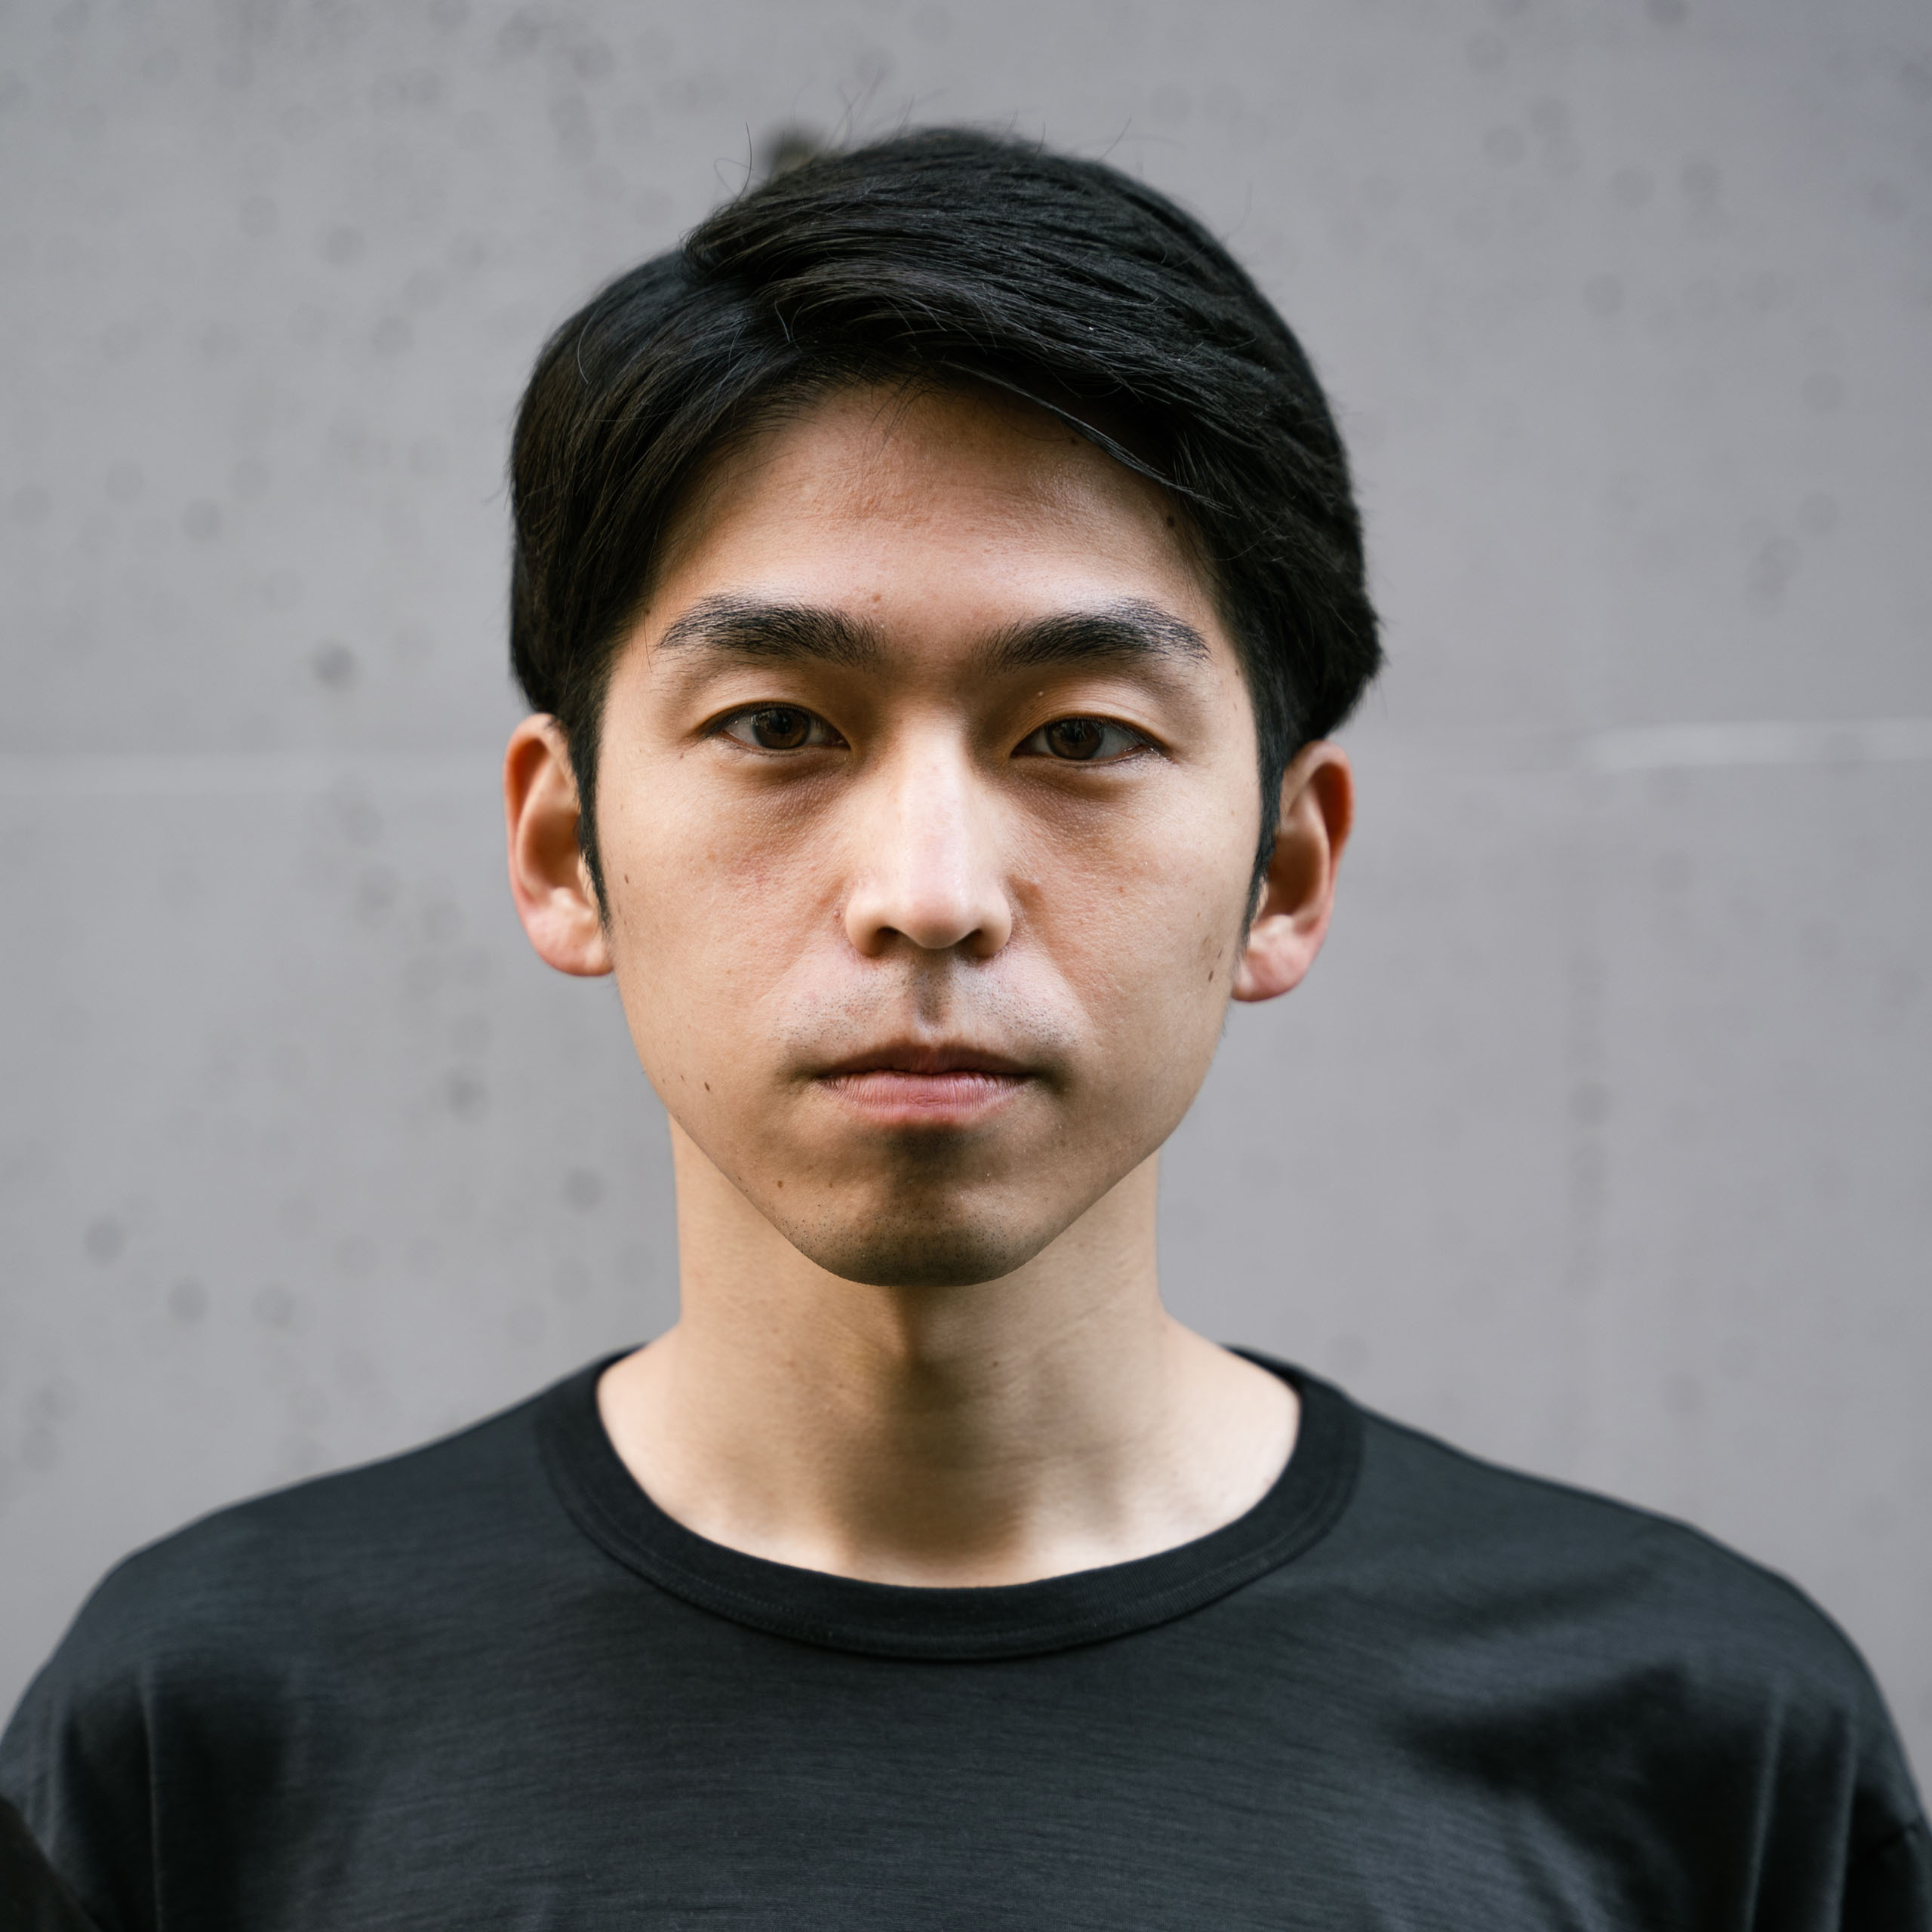 走ることは生きること 歯磨きと変わらない<br>NOBUHIDE TAKASHIMA